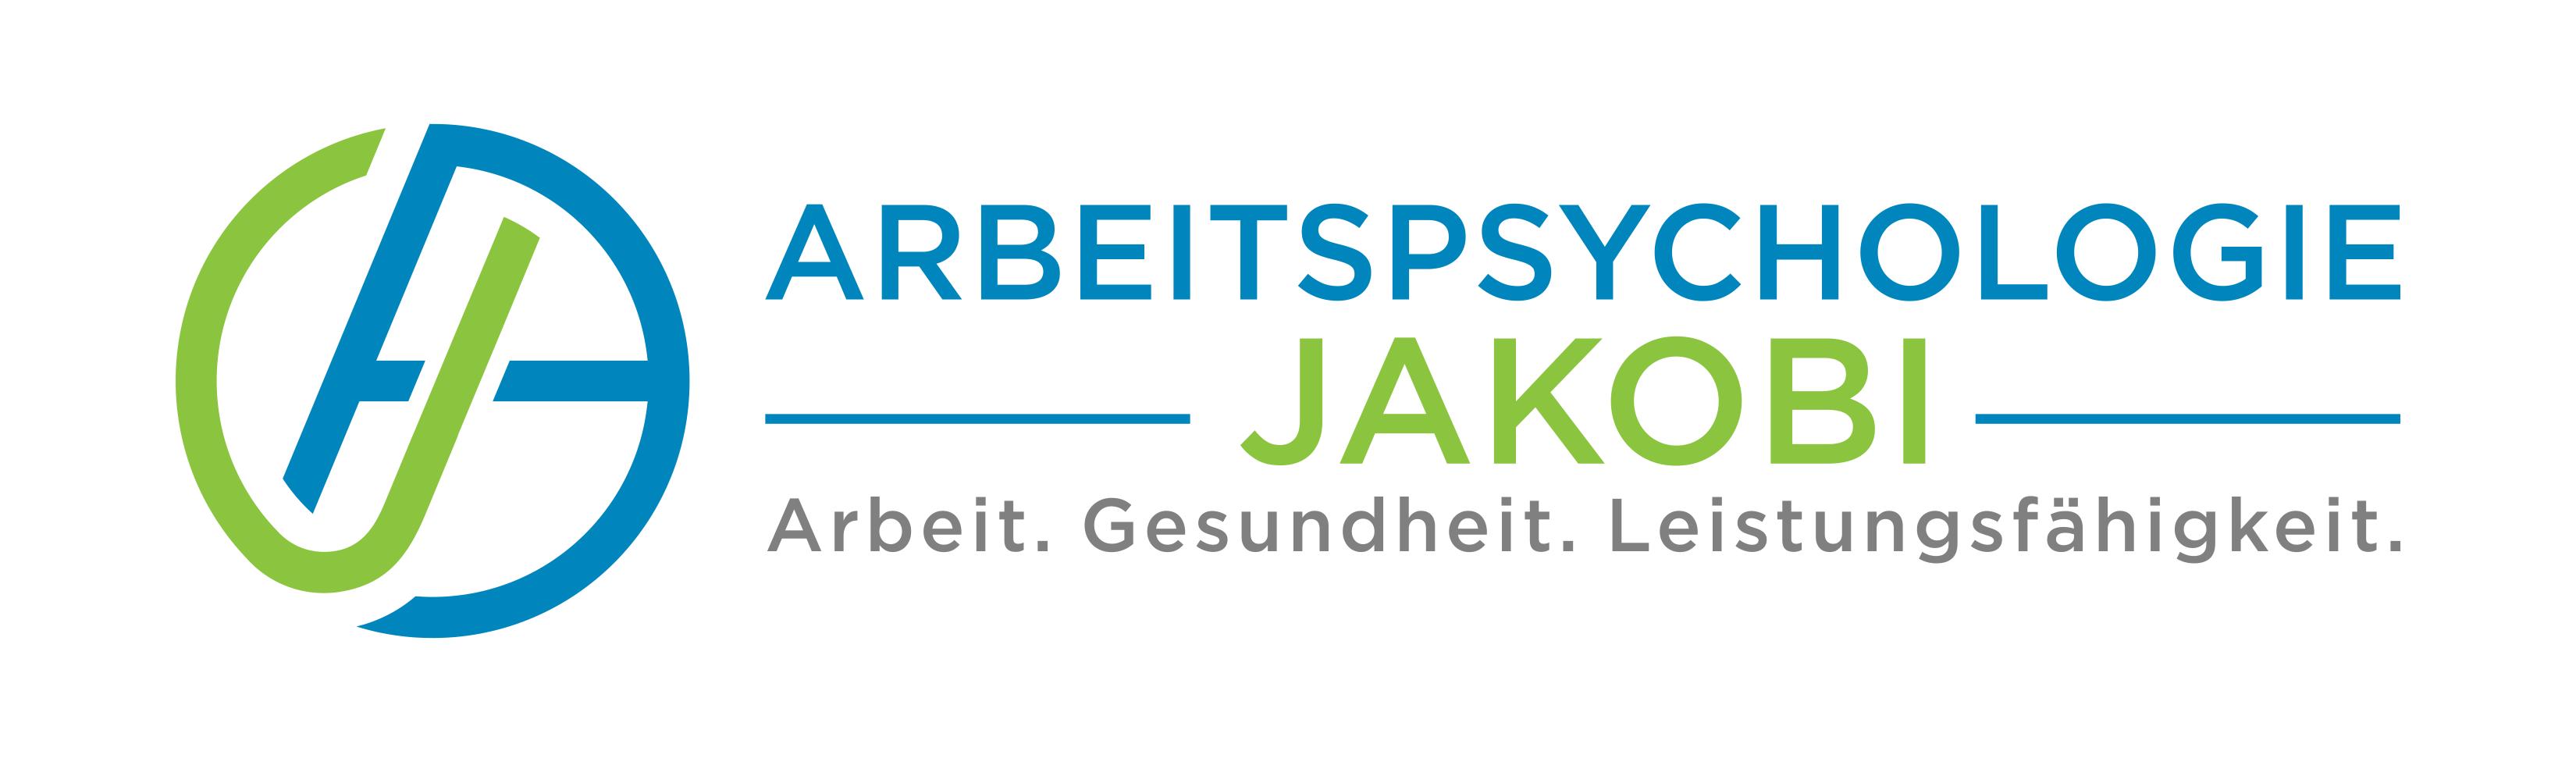 Arbeitspsychologie Jakobi - Logo - Claims: Arbeit. Gesundheit. Leistungsfähigkeit.